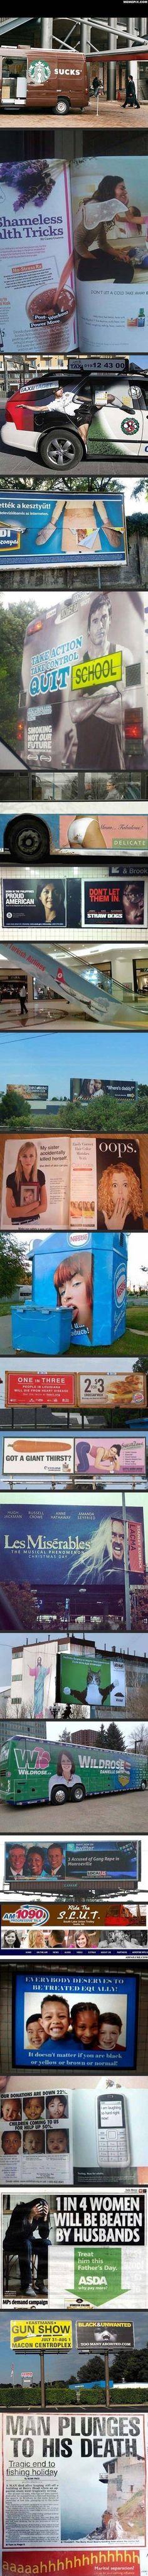 Unfortunate advertising fails